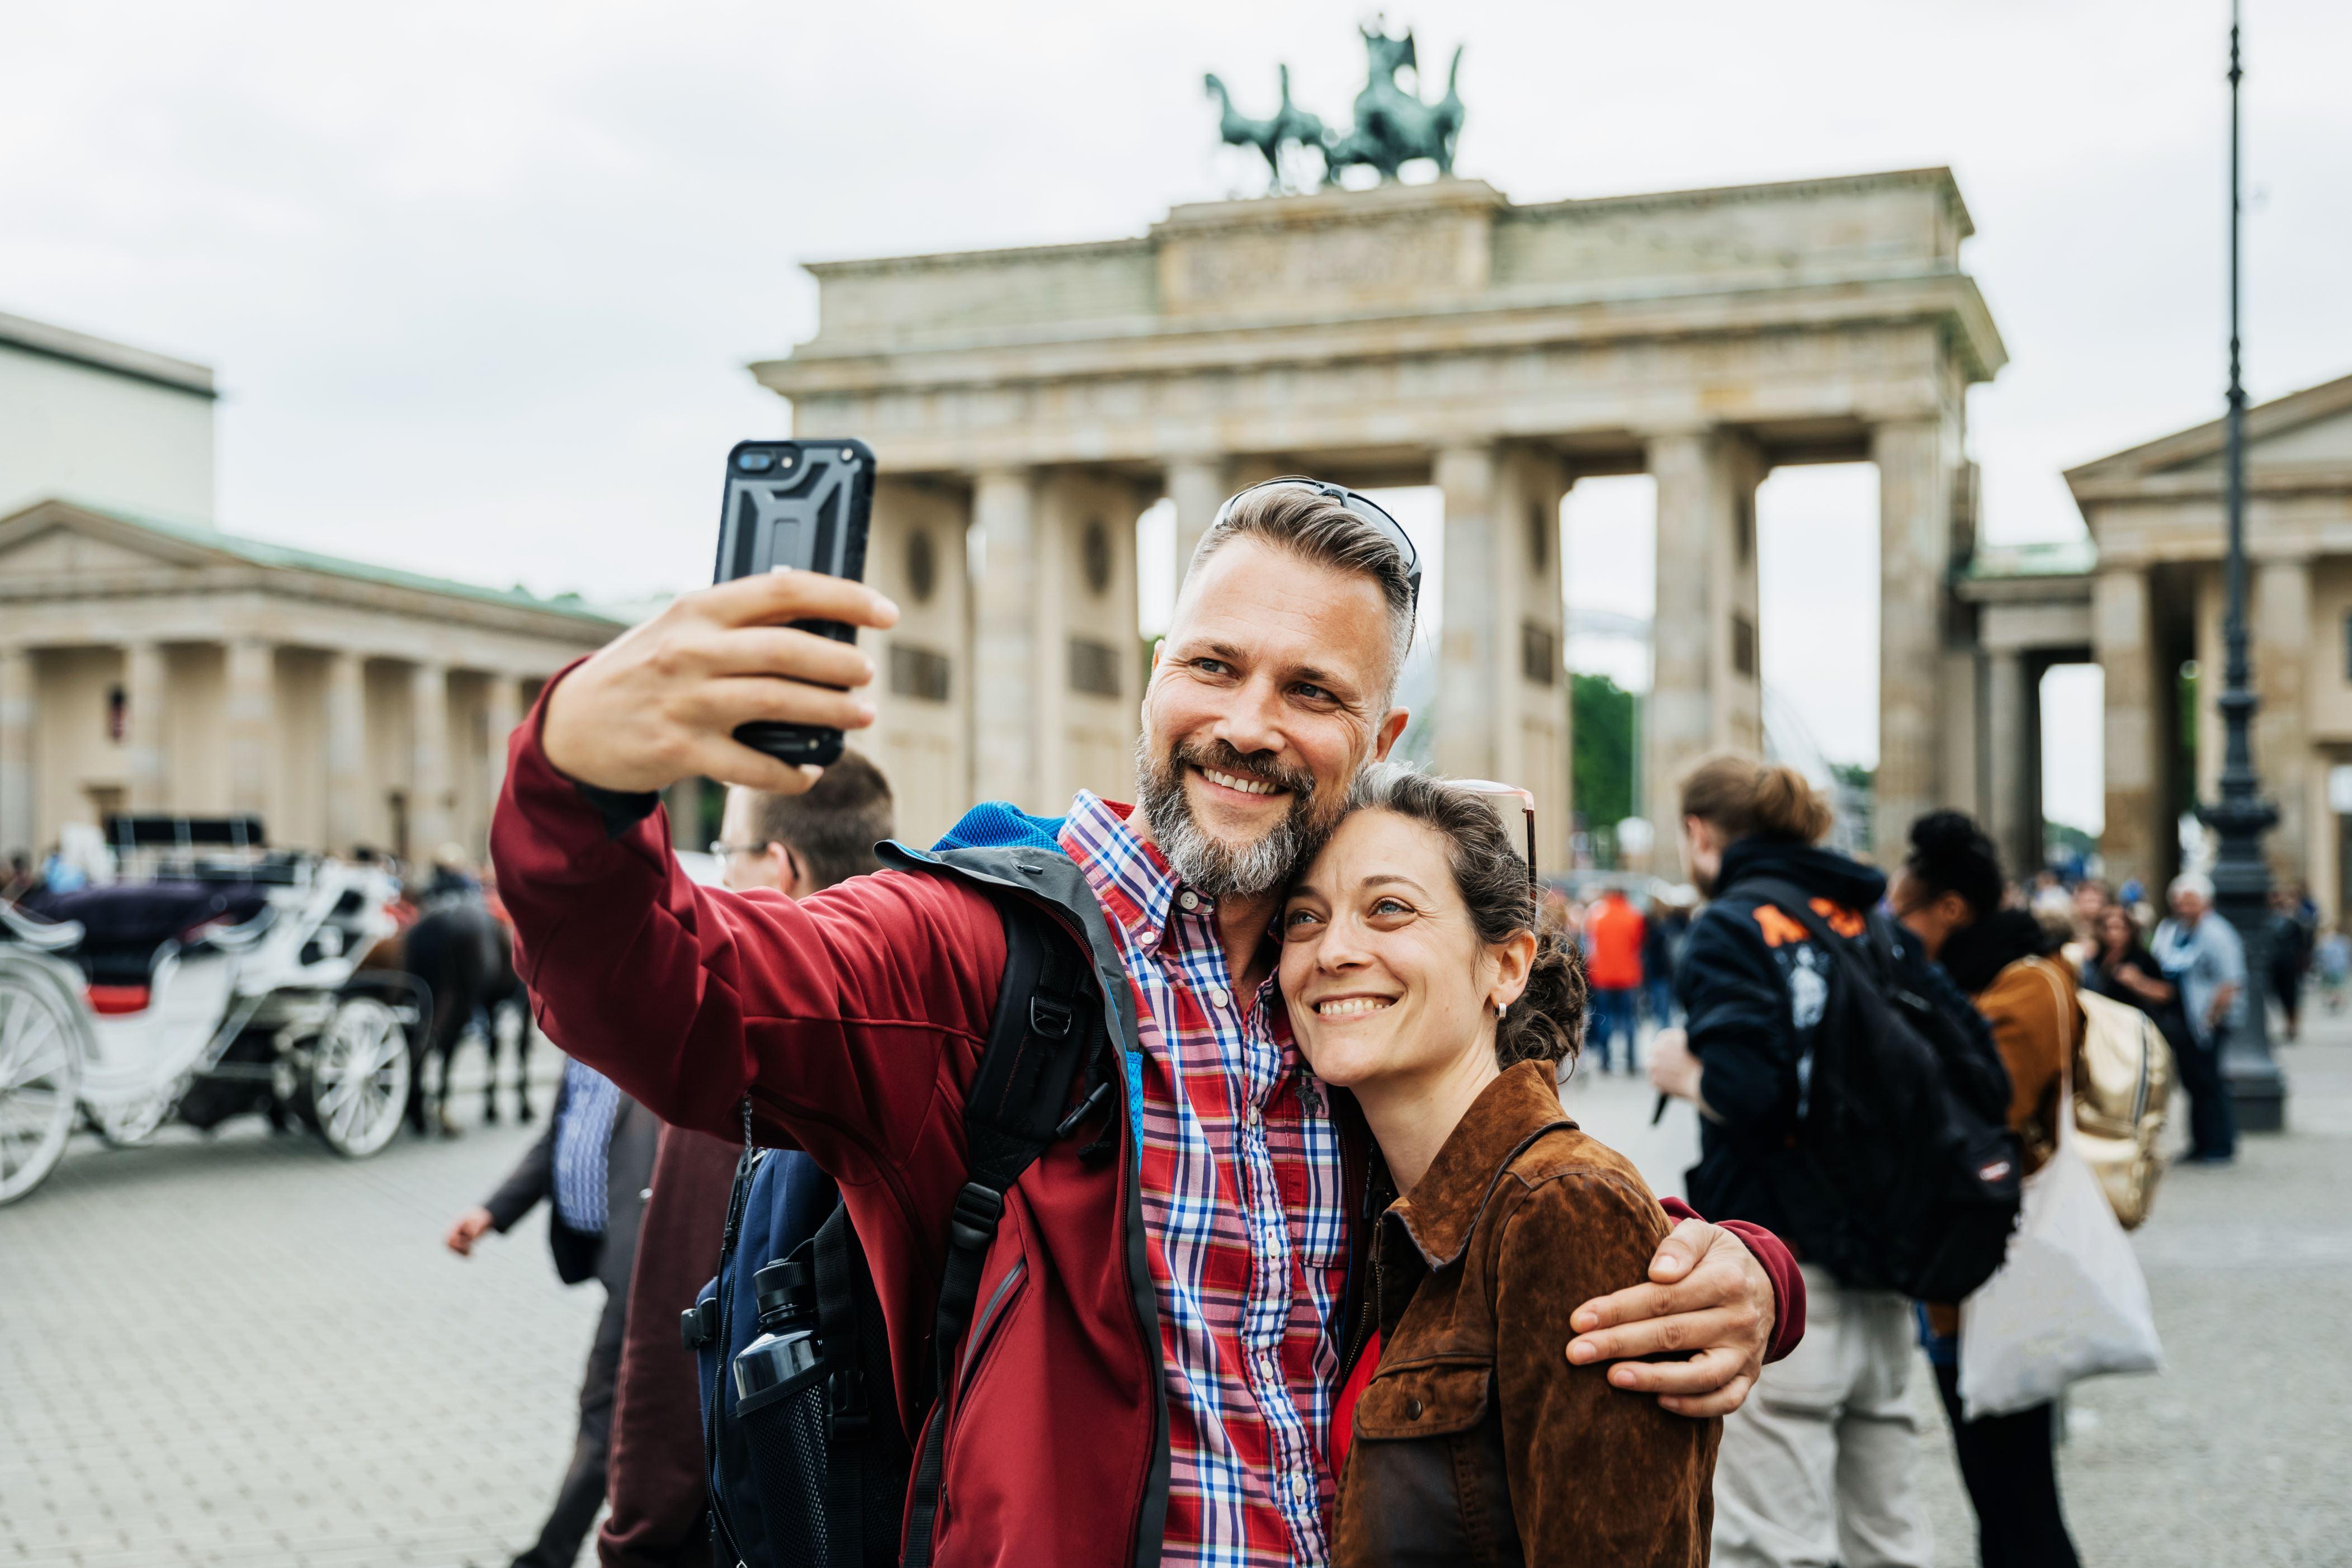 ¿Quieres vivir en Alemania? Estas son las facilidades para inmigrantes peruanos